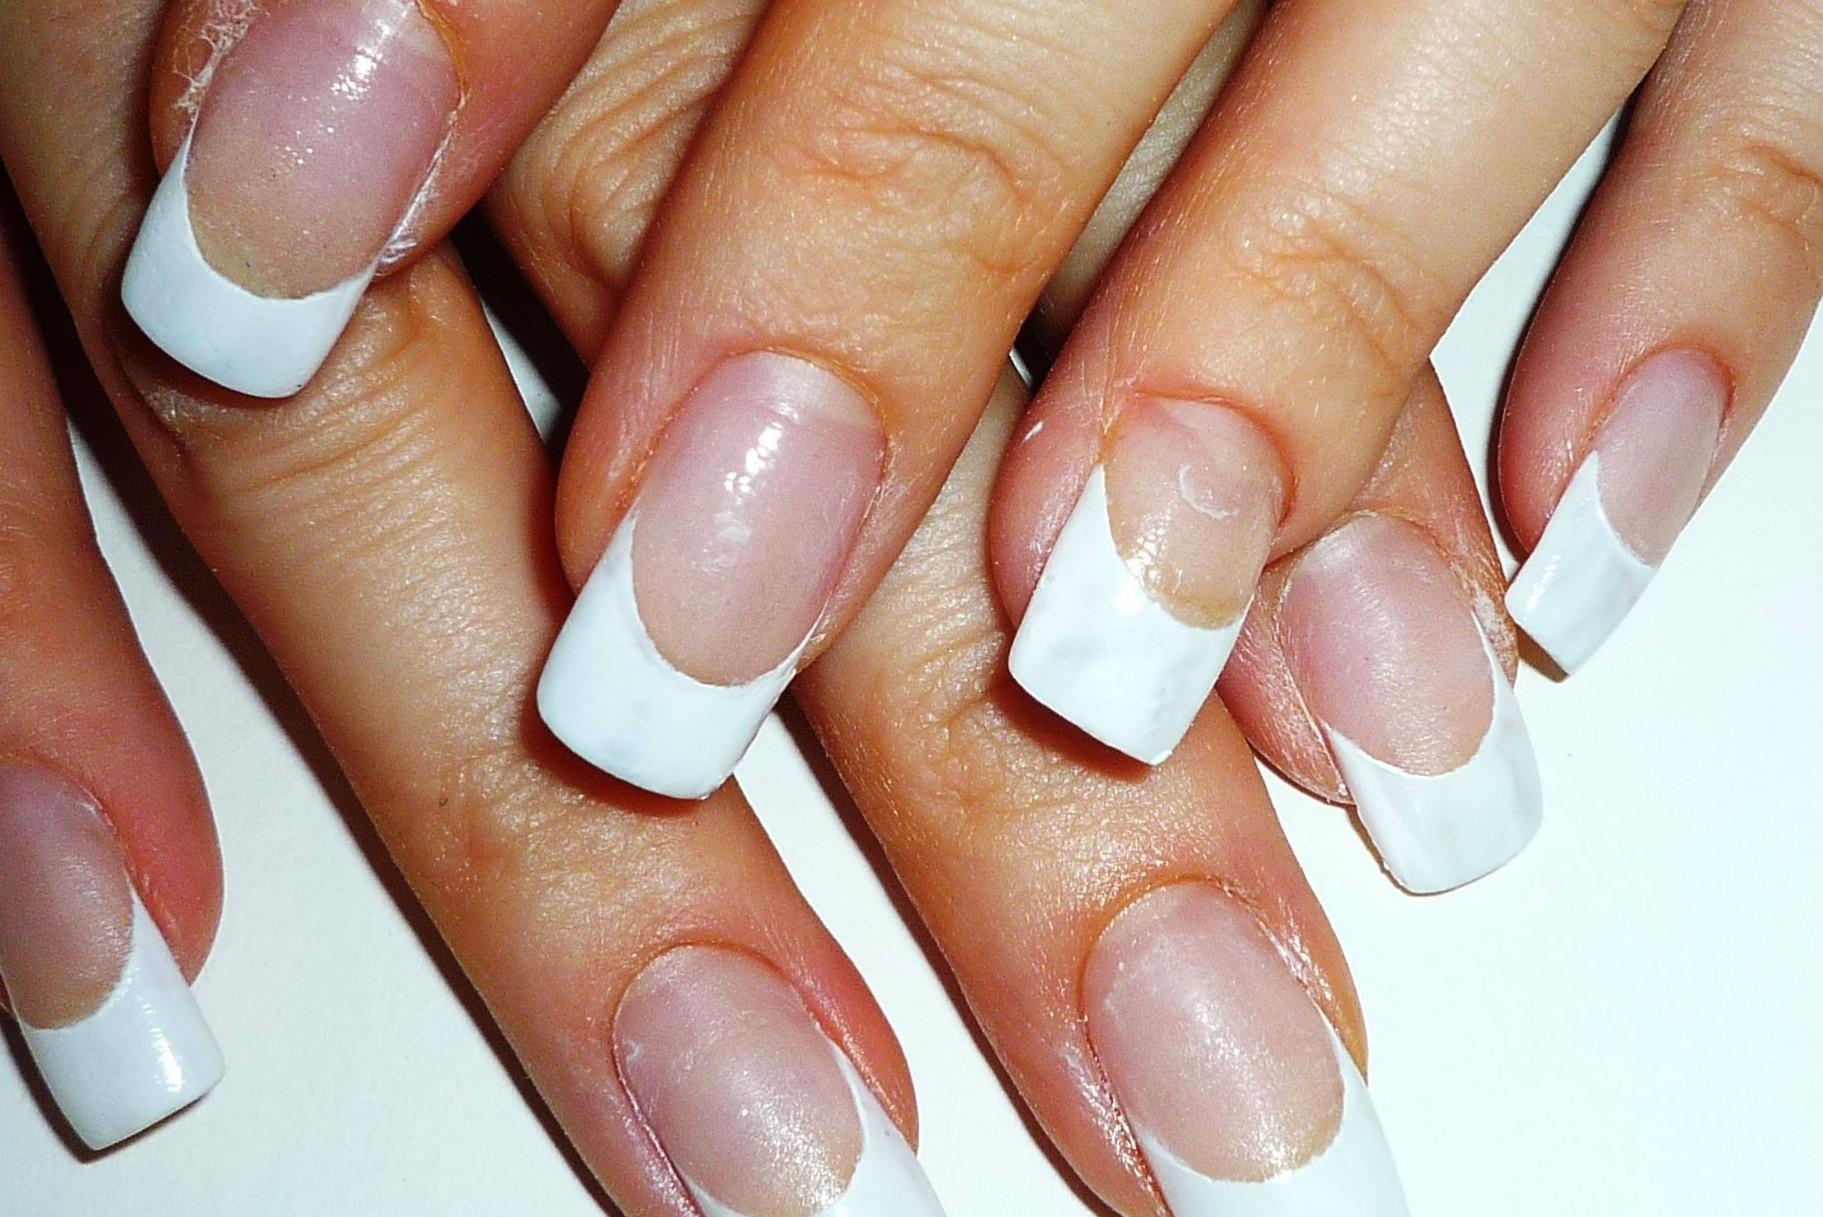 french tips nail vs gel nails photo - 2